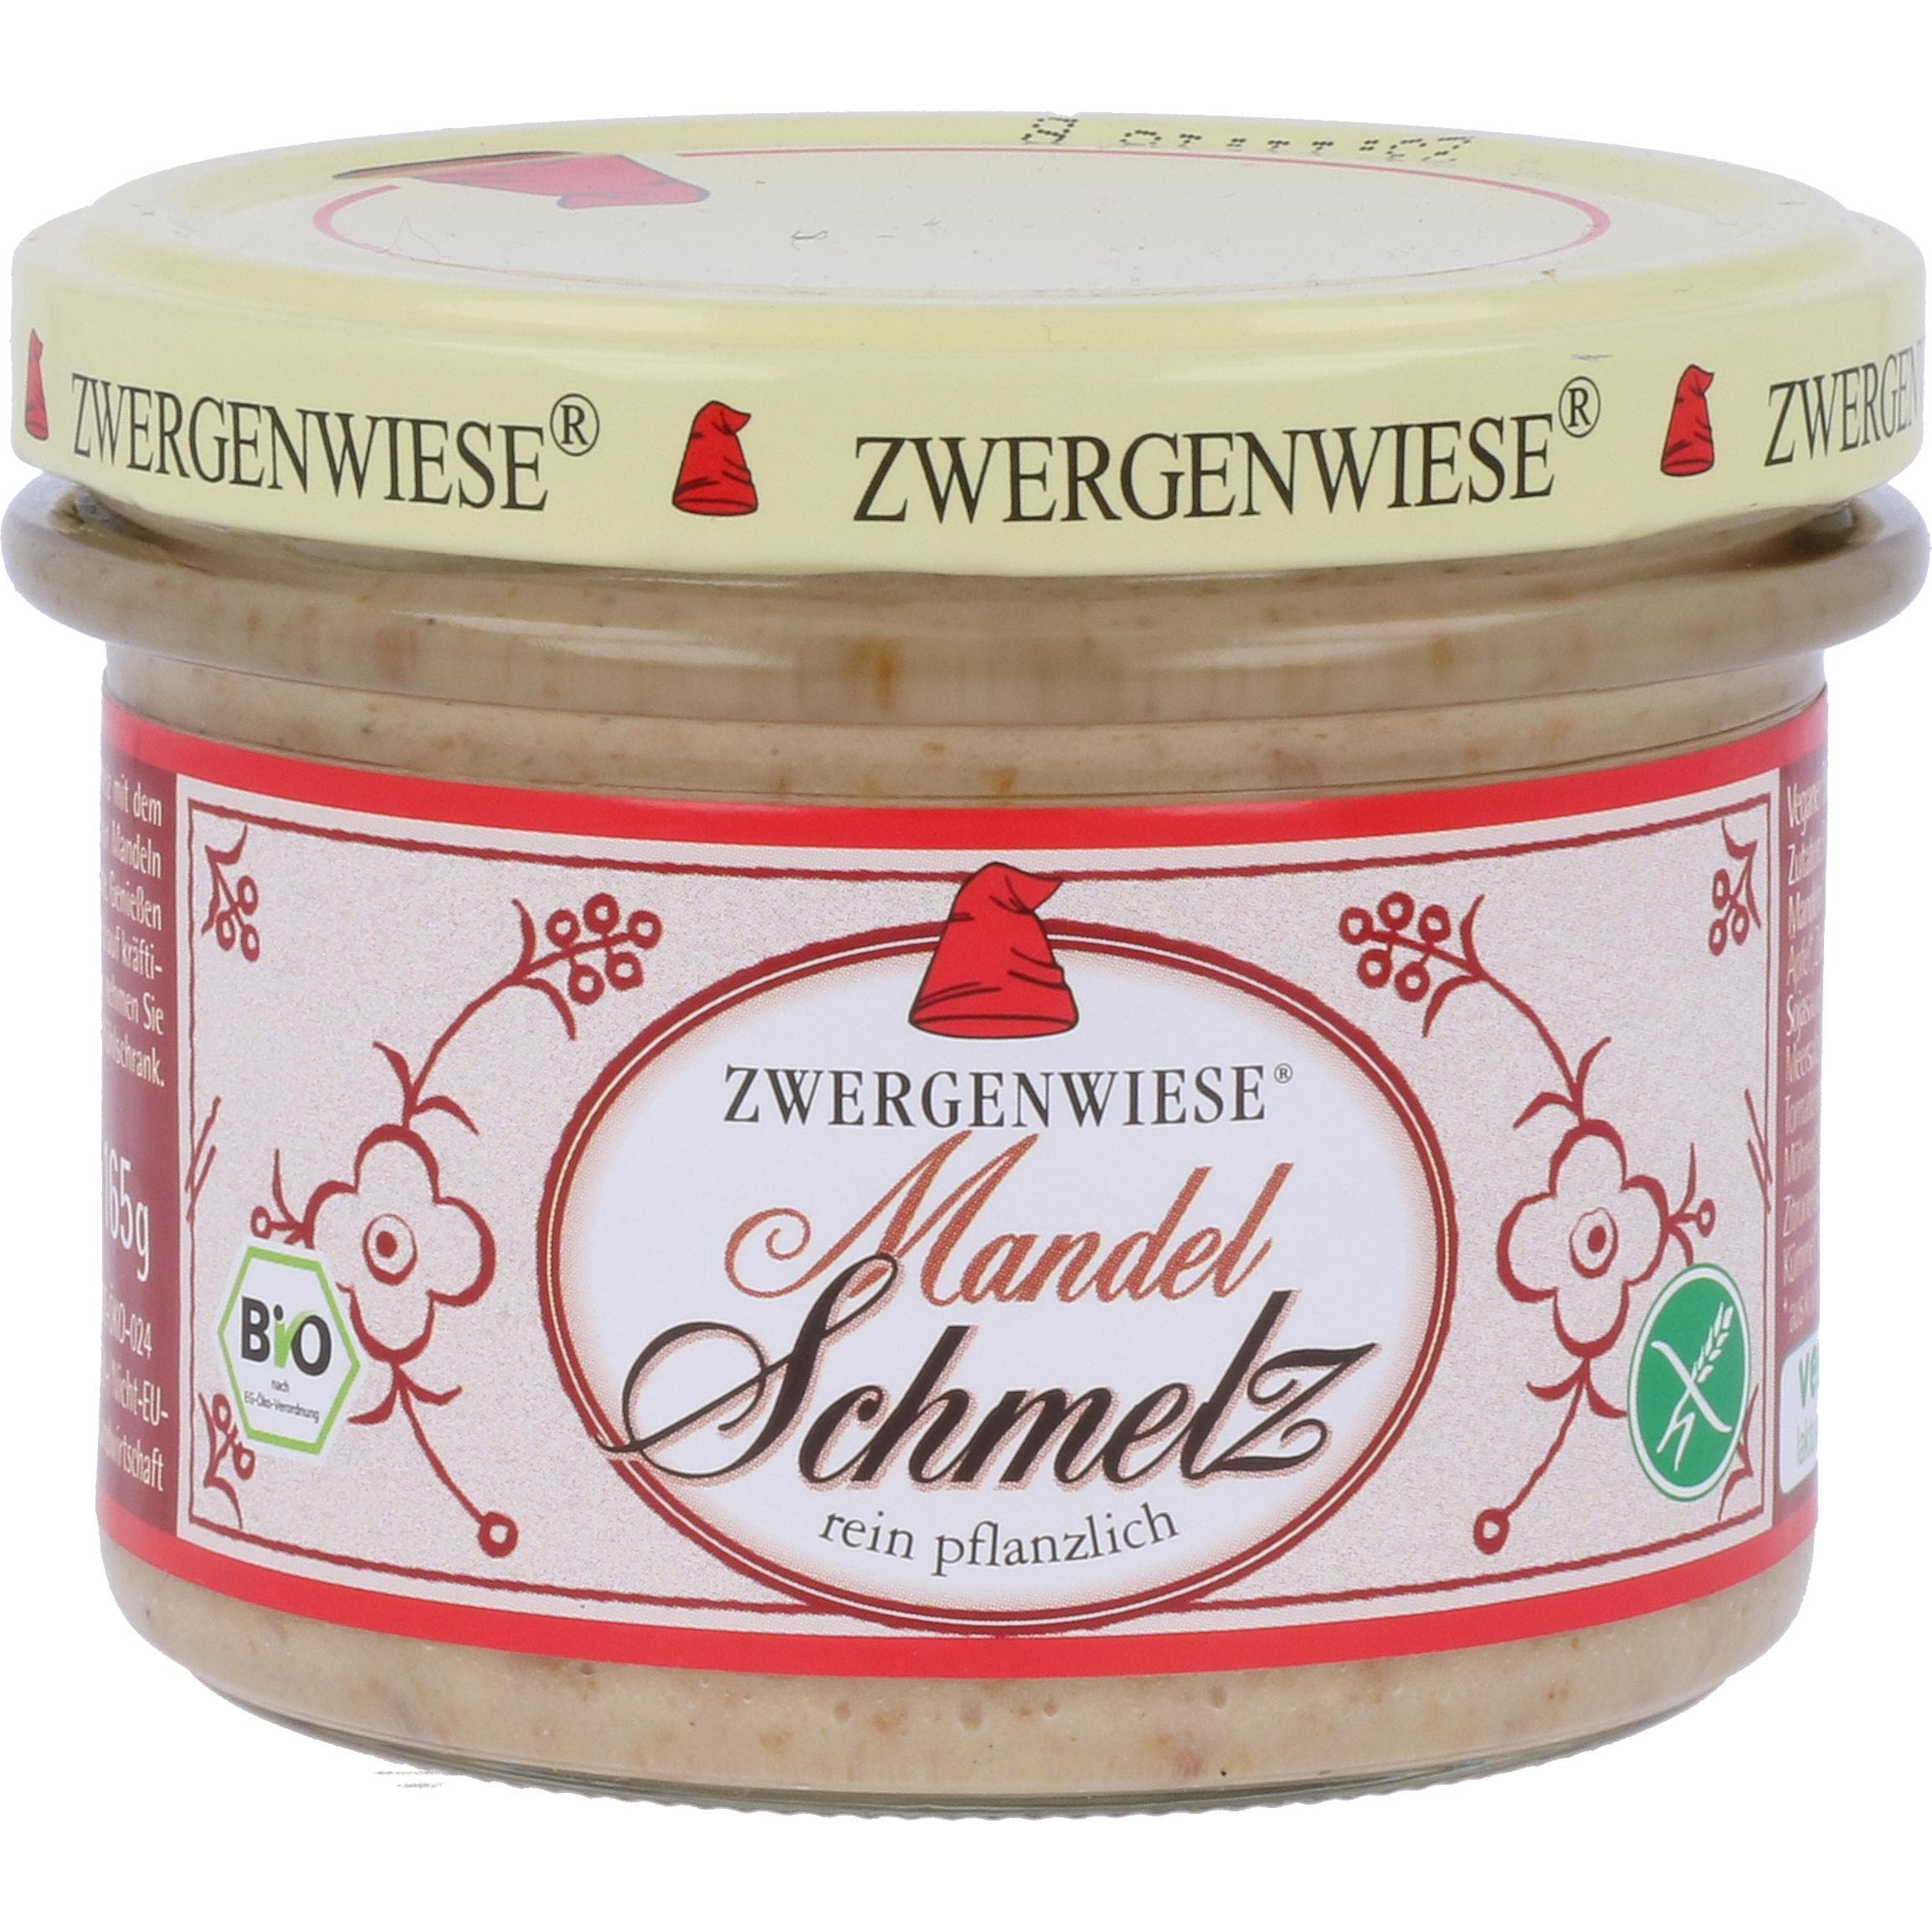 Zwergenwiese Bio Mandel Schmelz 165g